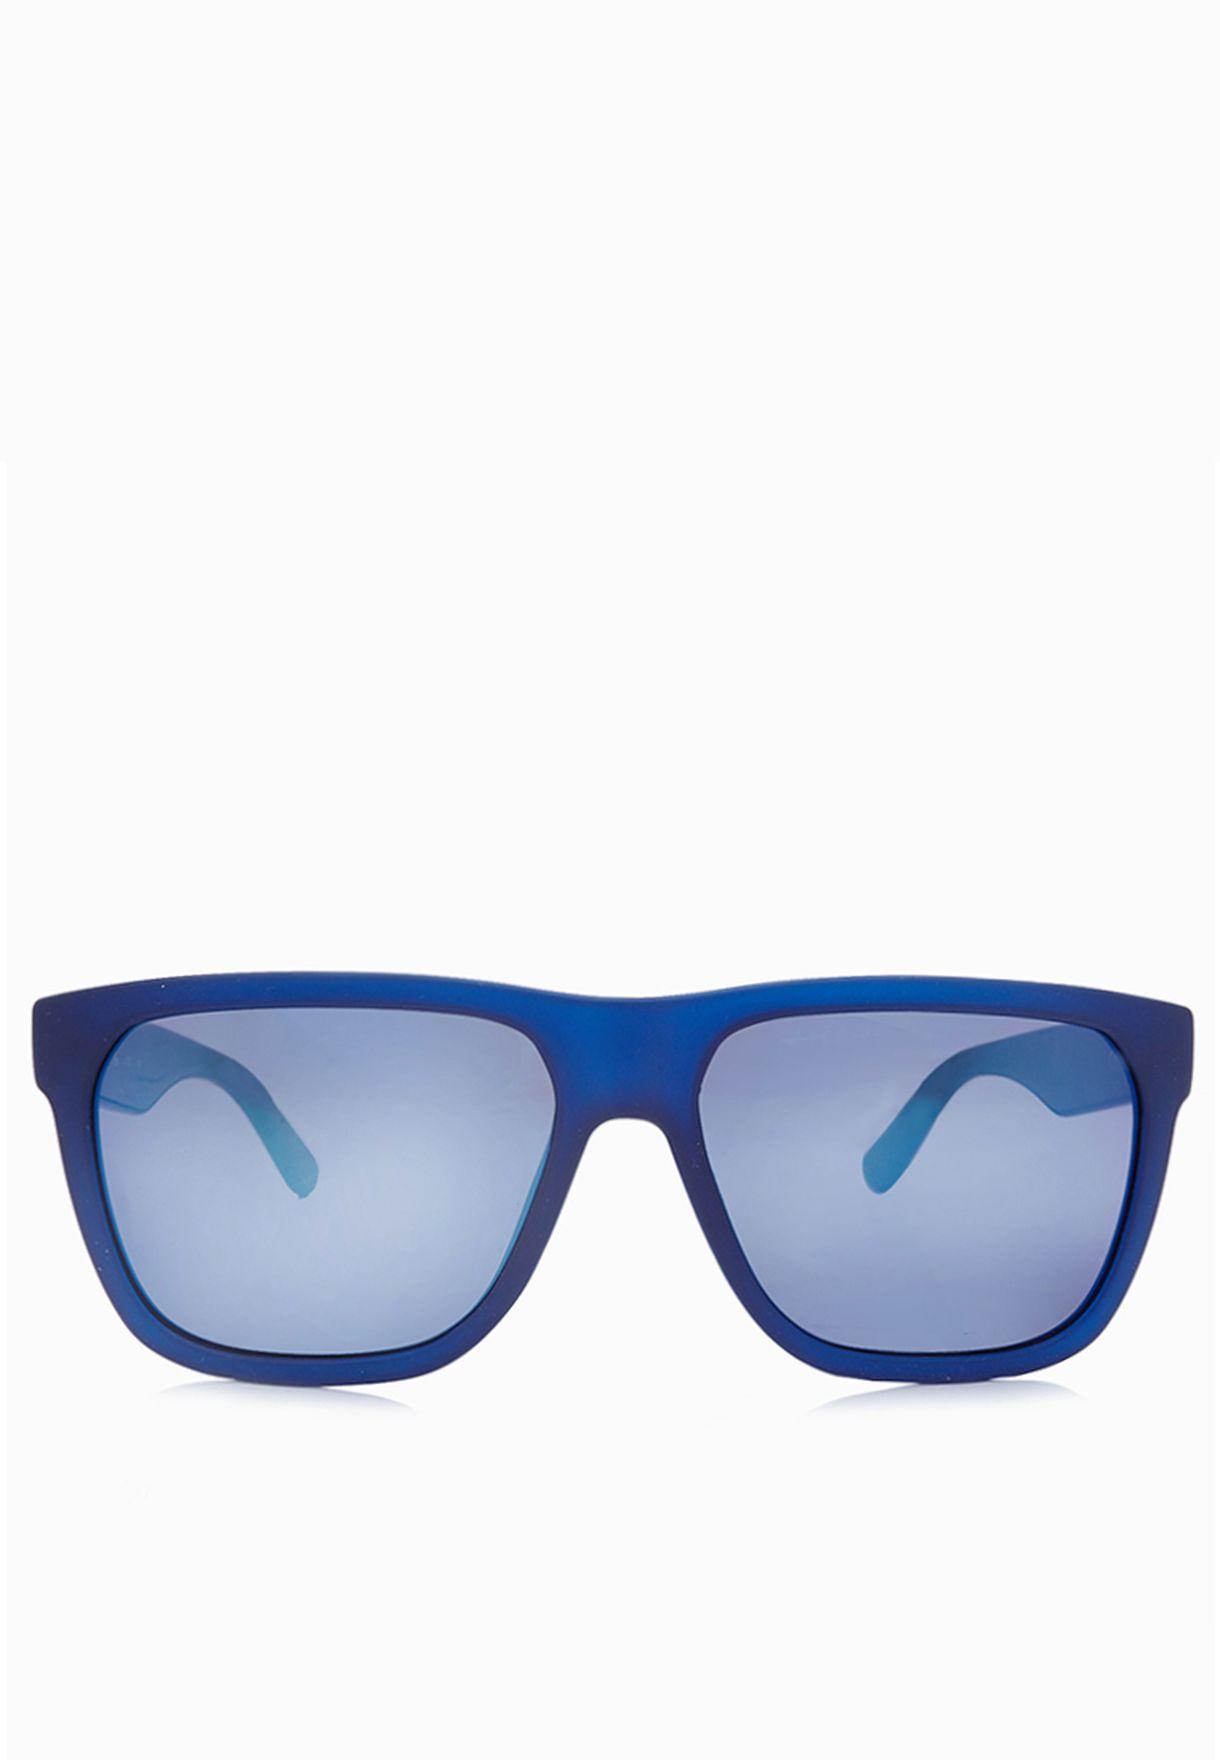 Petit Pique' Sunglasses